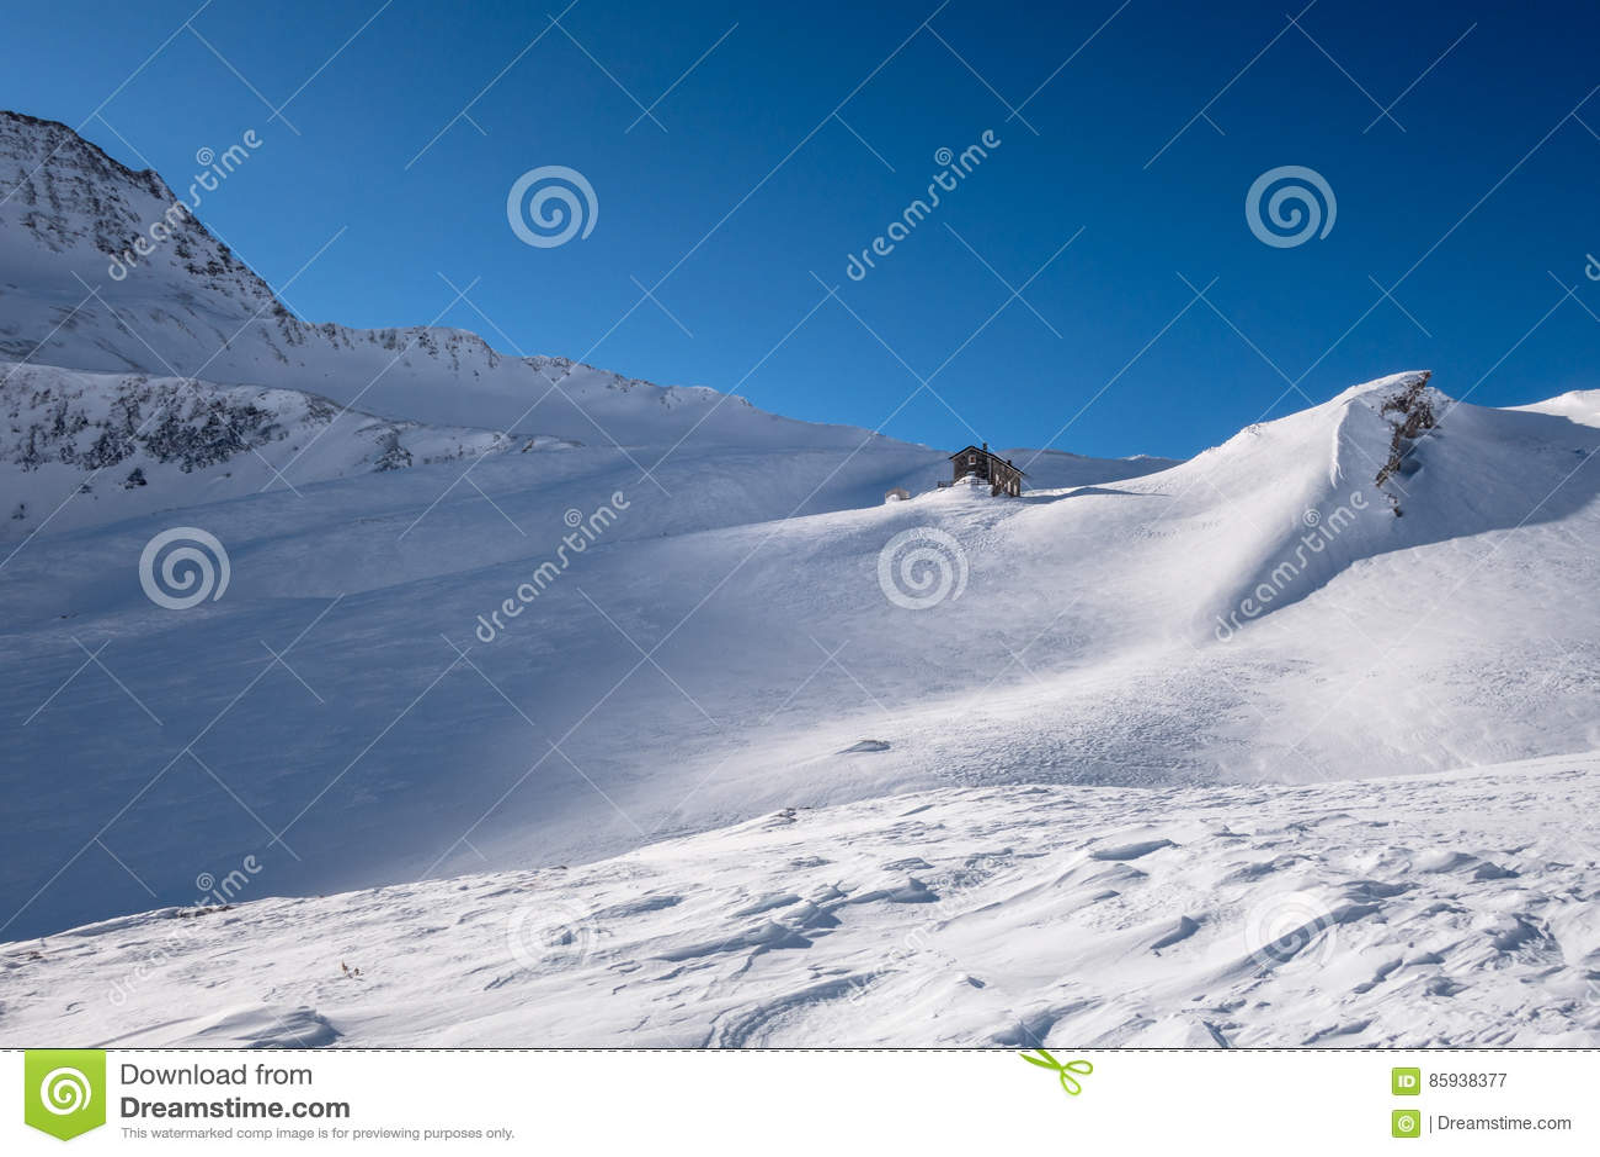 Refugio alpino debajo del canto de la montaña en invierno en nieve azotada por el viento